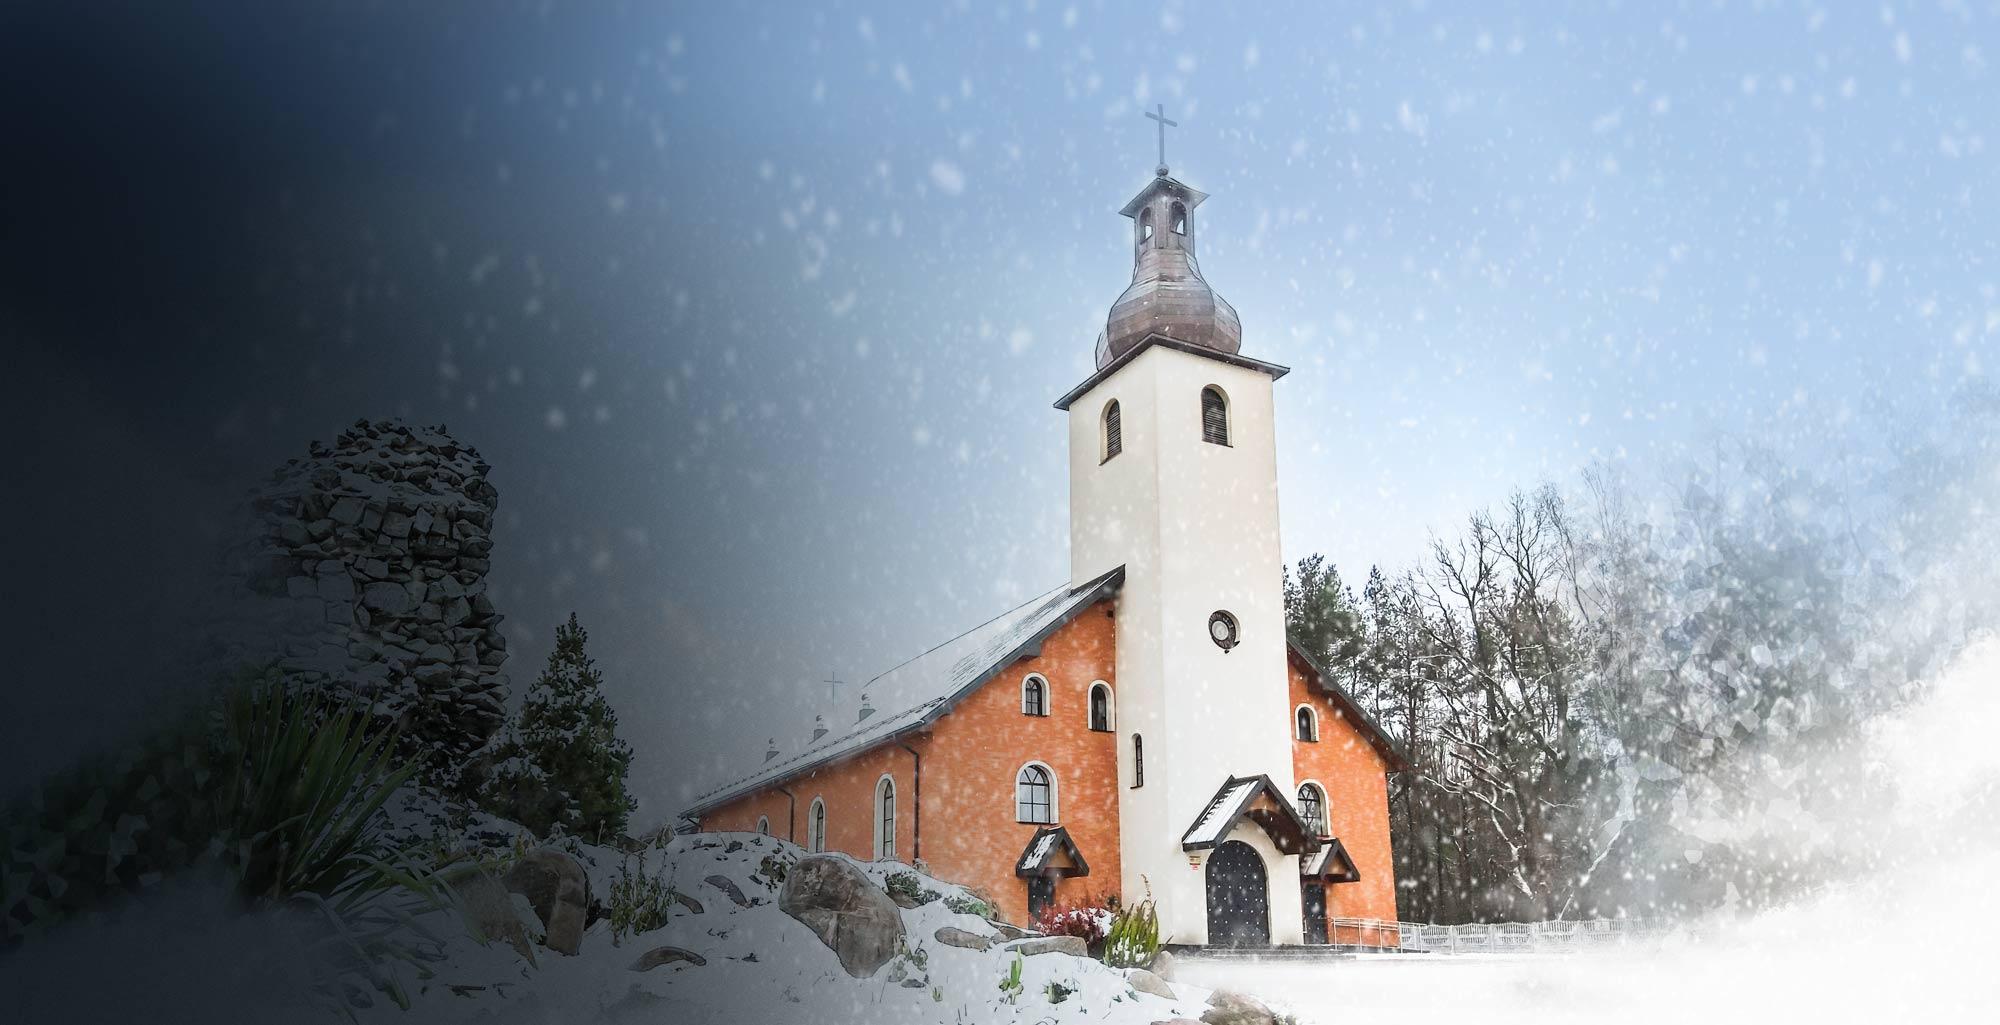 Parafia <br>w Wólce Mińskiej